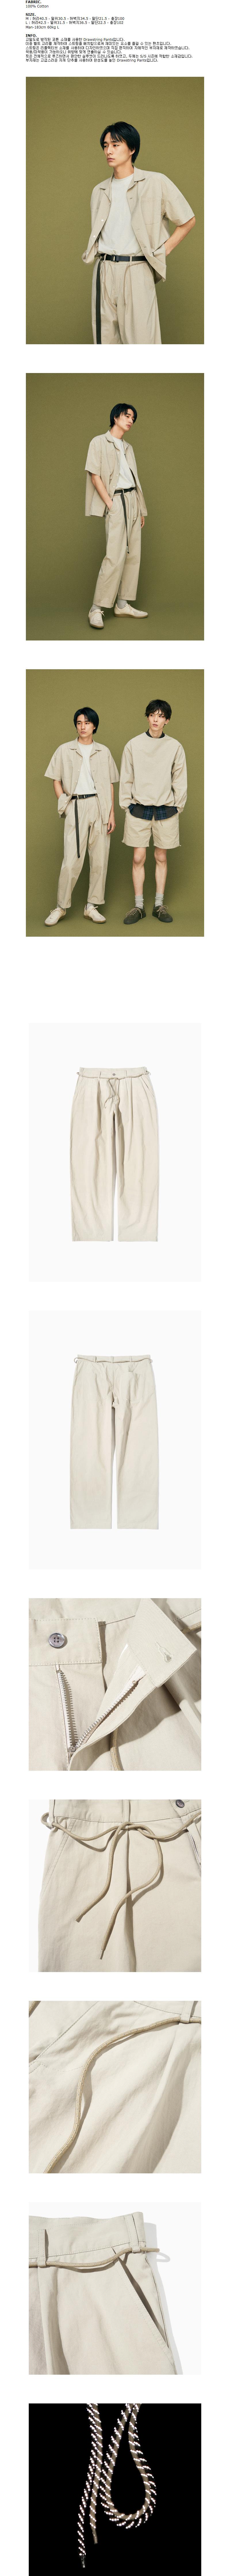 파르티멘토(PARTIMENTO) Drawstring Pants Beige